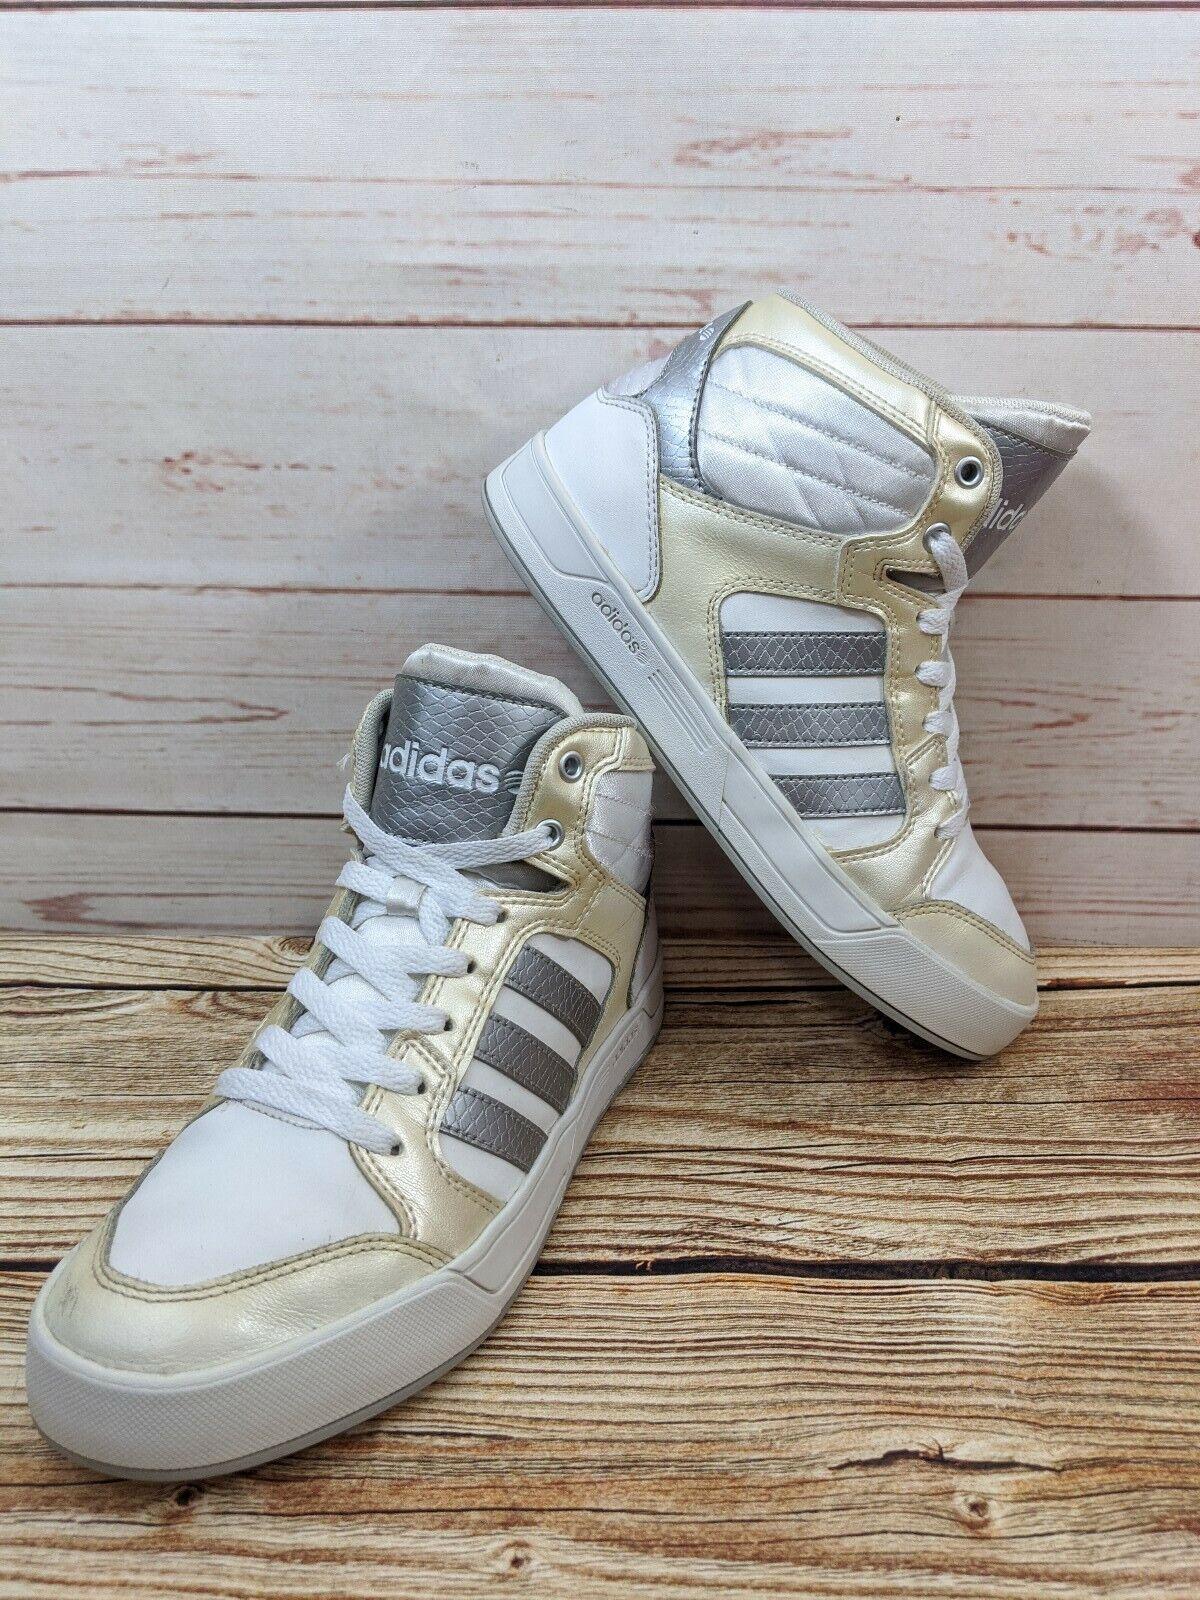 seguramente cache girasol  adidas Womens Shoe Size 10 US Neo Label High Top White Cream F98975 for  sale online | eBay